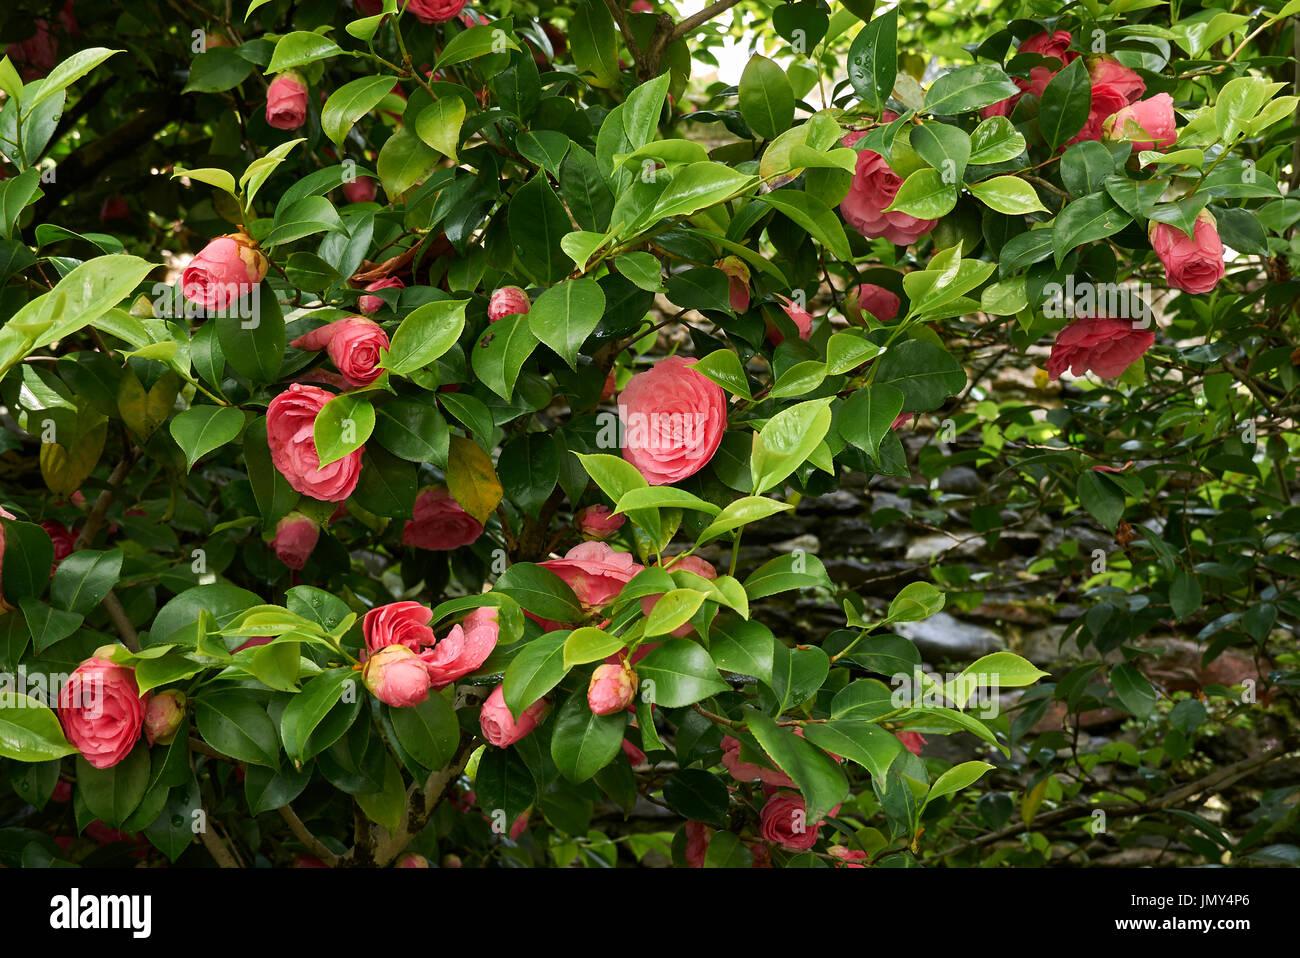 Camellia shrub stock photos camellia shrub stock images - Camelia fotos ...